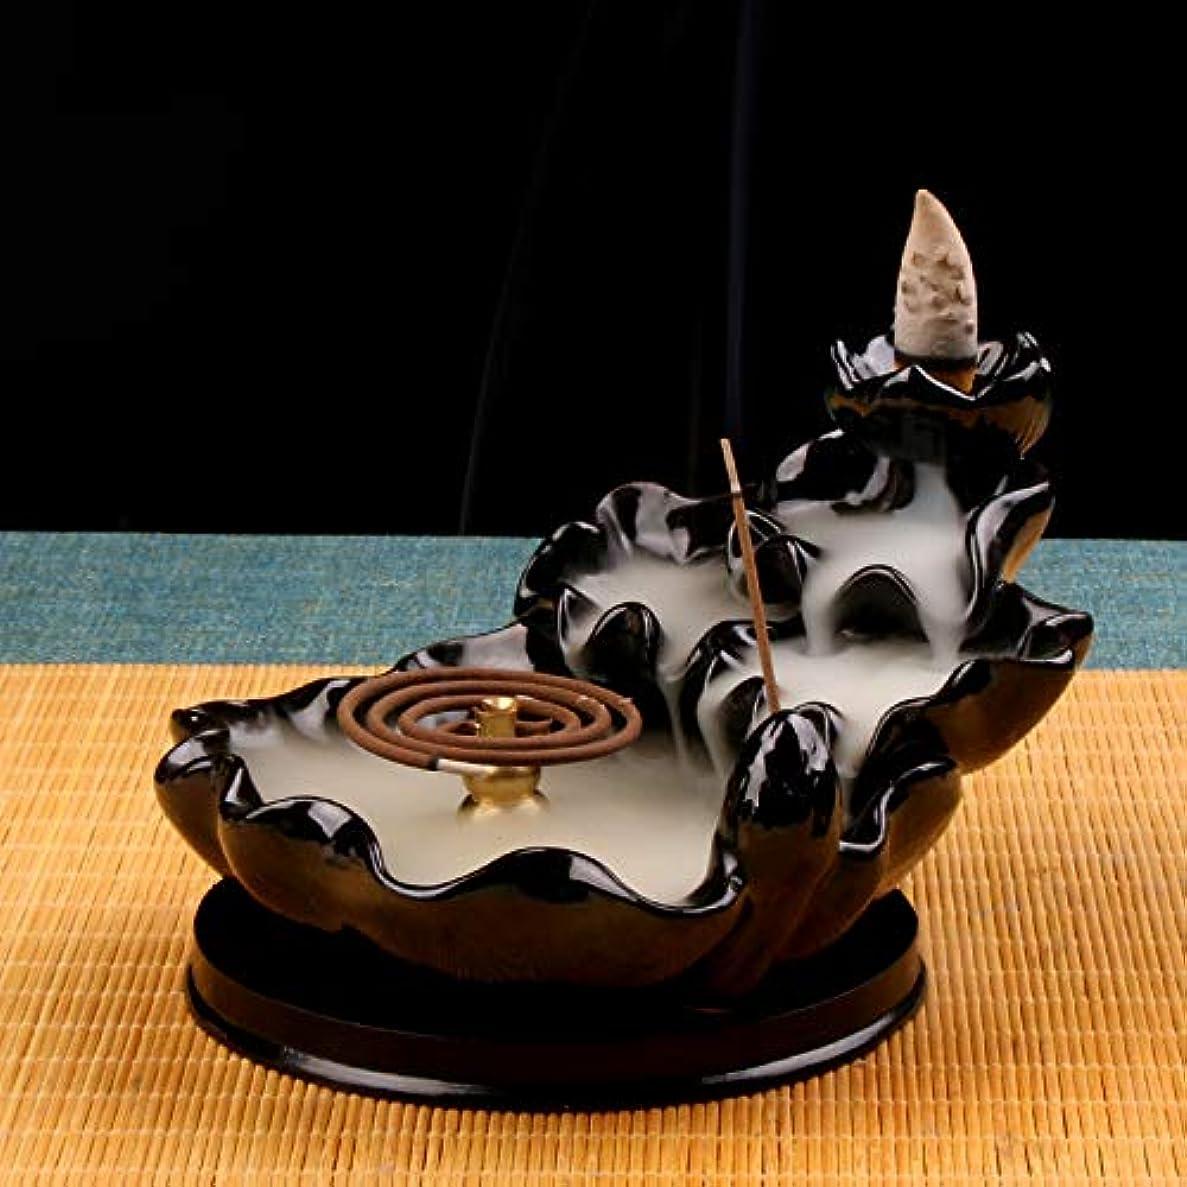 ファイバ災害わずかな(Style4) - Backflow Incense Burner Buddha monk and Moon Ceramic Censer for Home Decor Tea ceremony (Style4)